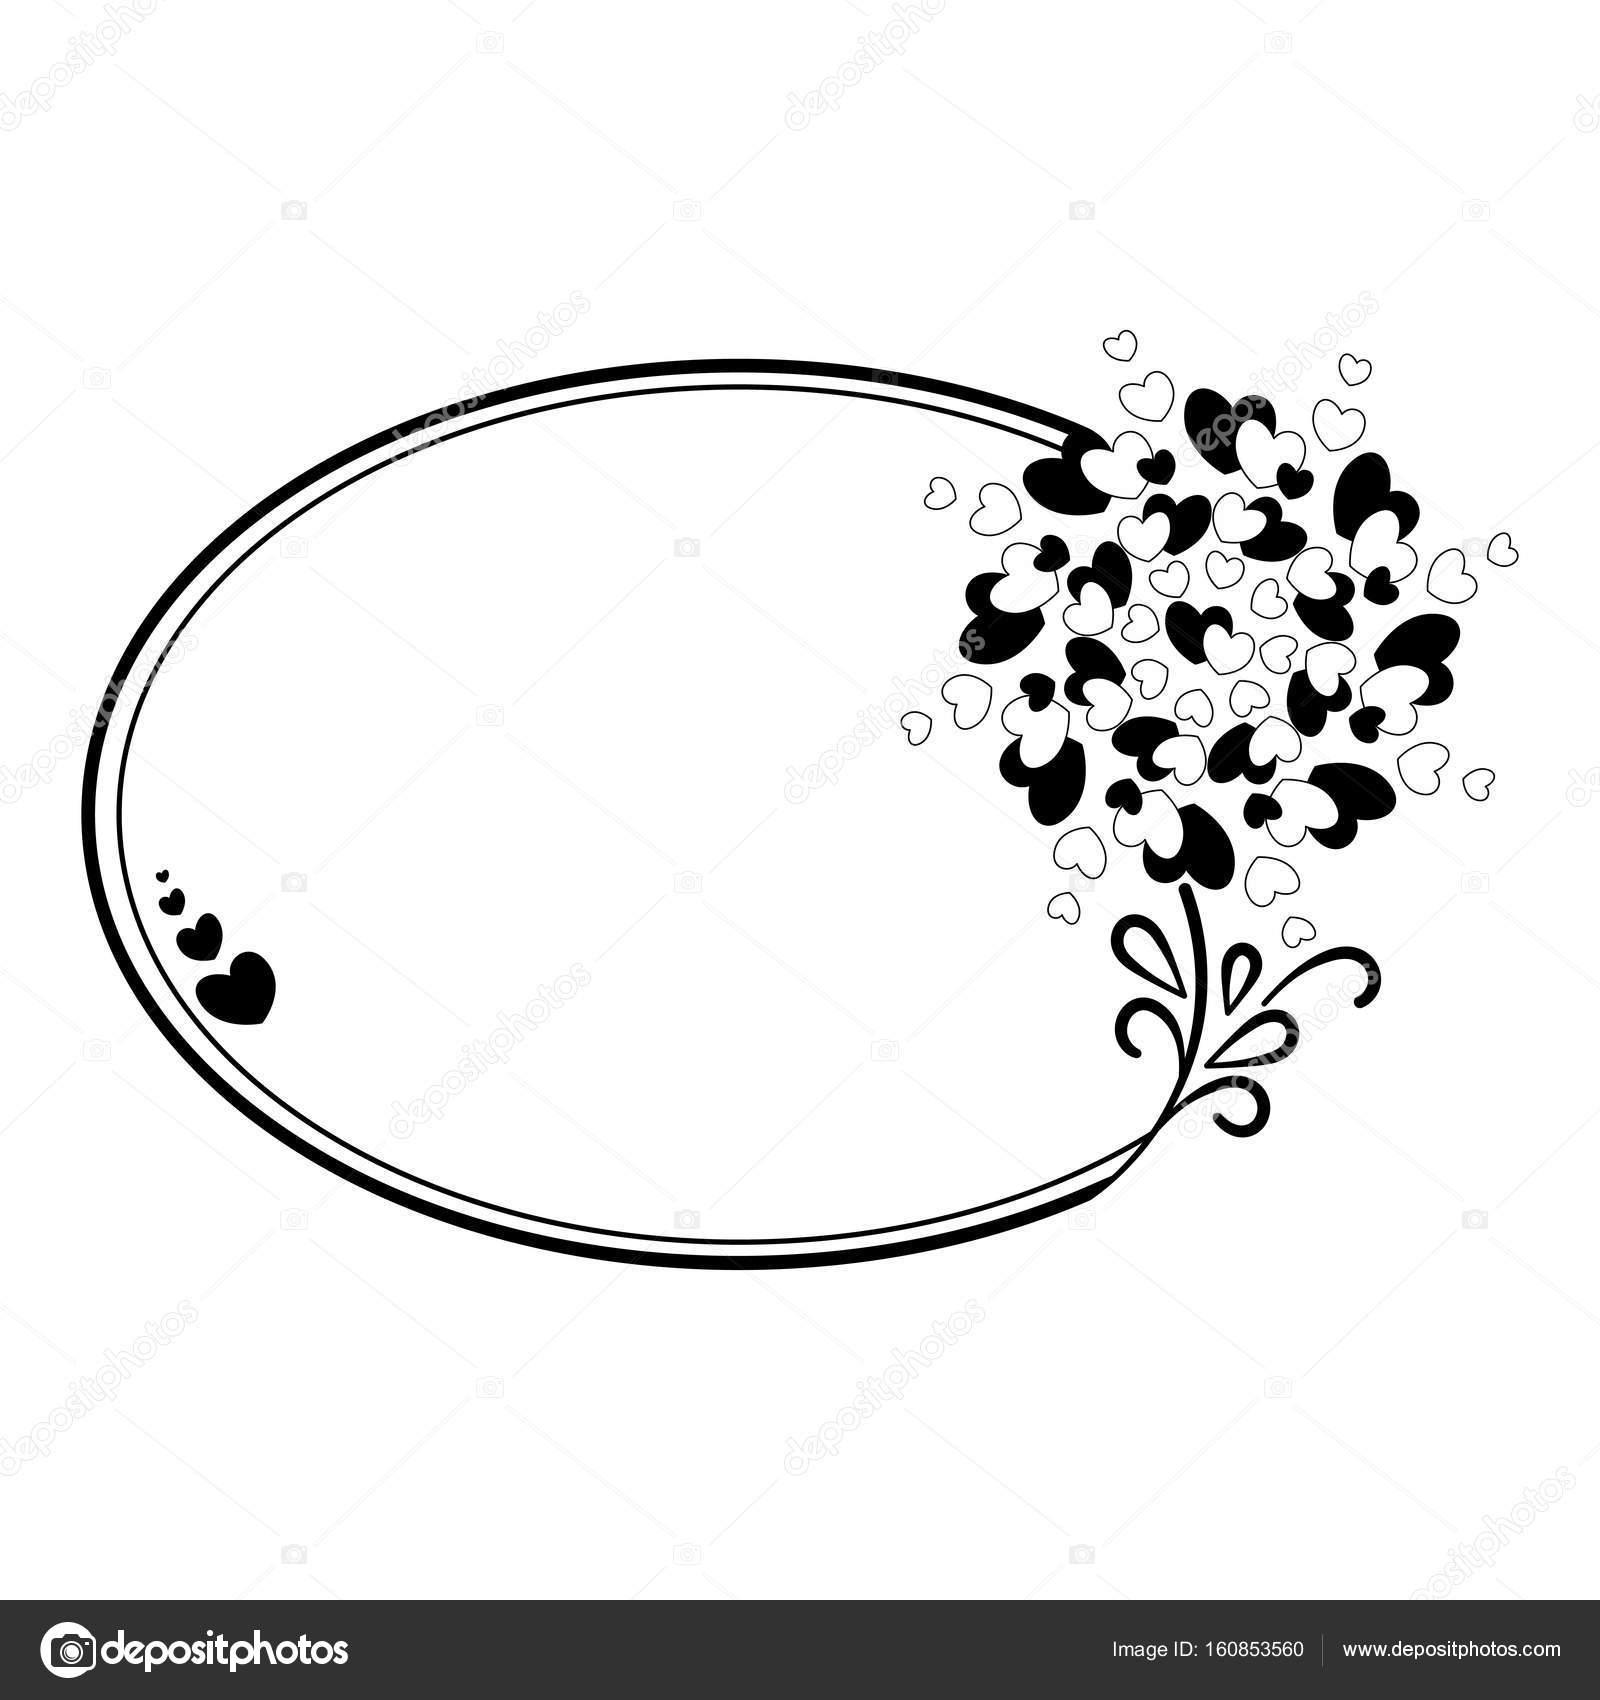 Eleganten Schwarzen Und Weißen Ovalen Rahmen Mit Einer Silhouette ...